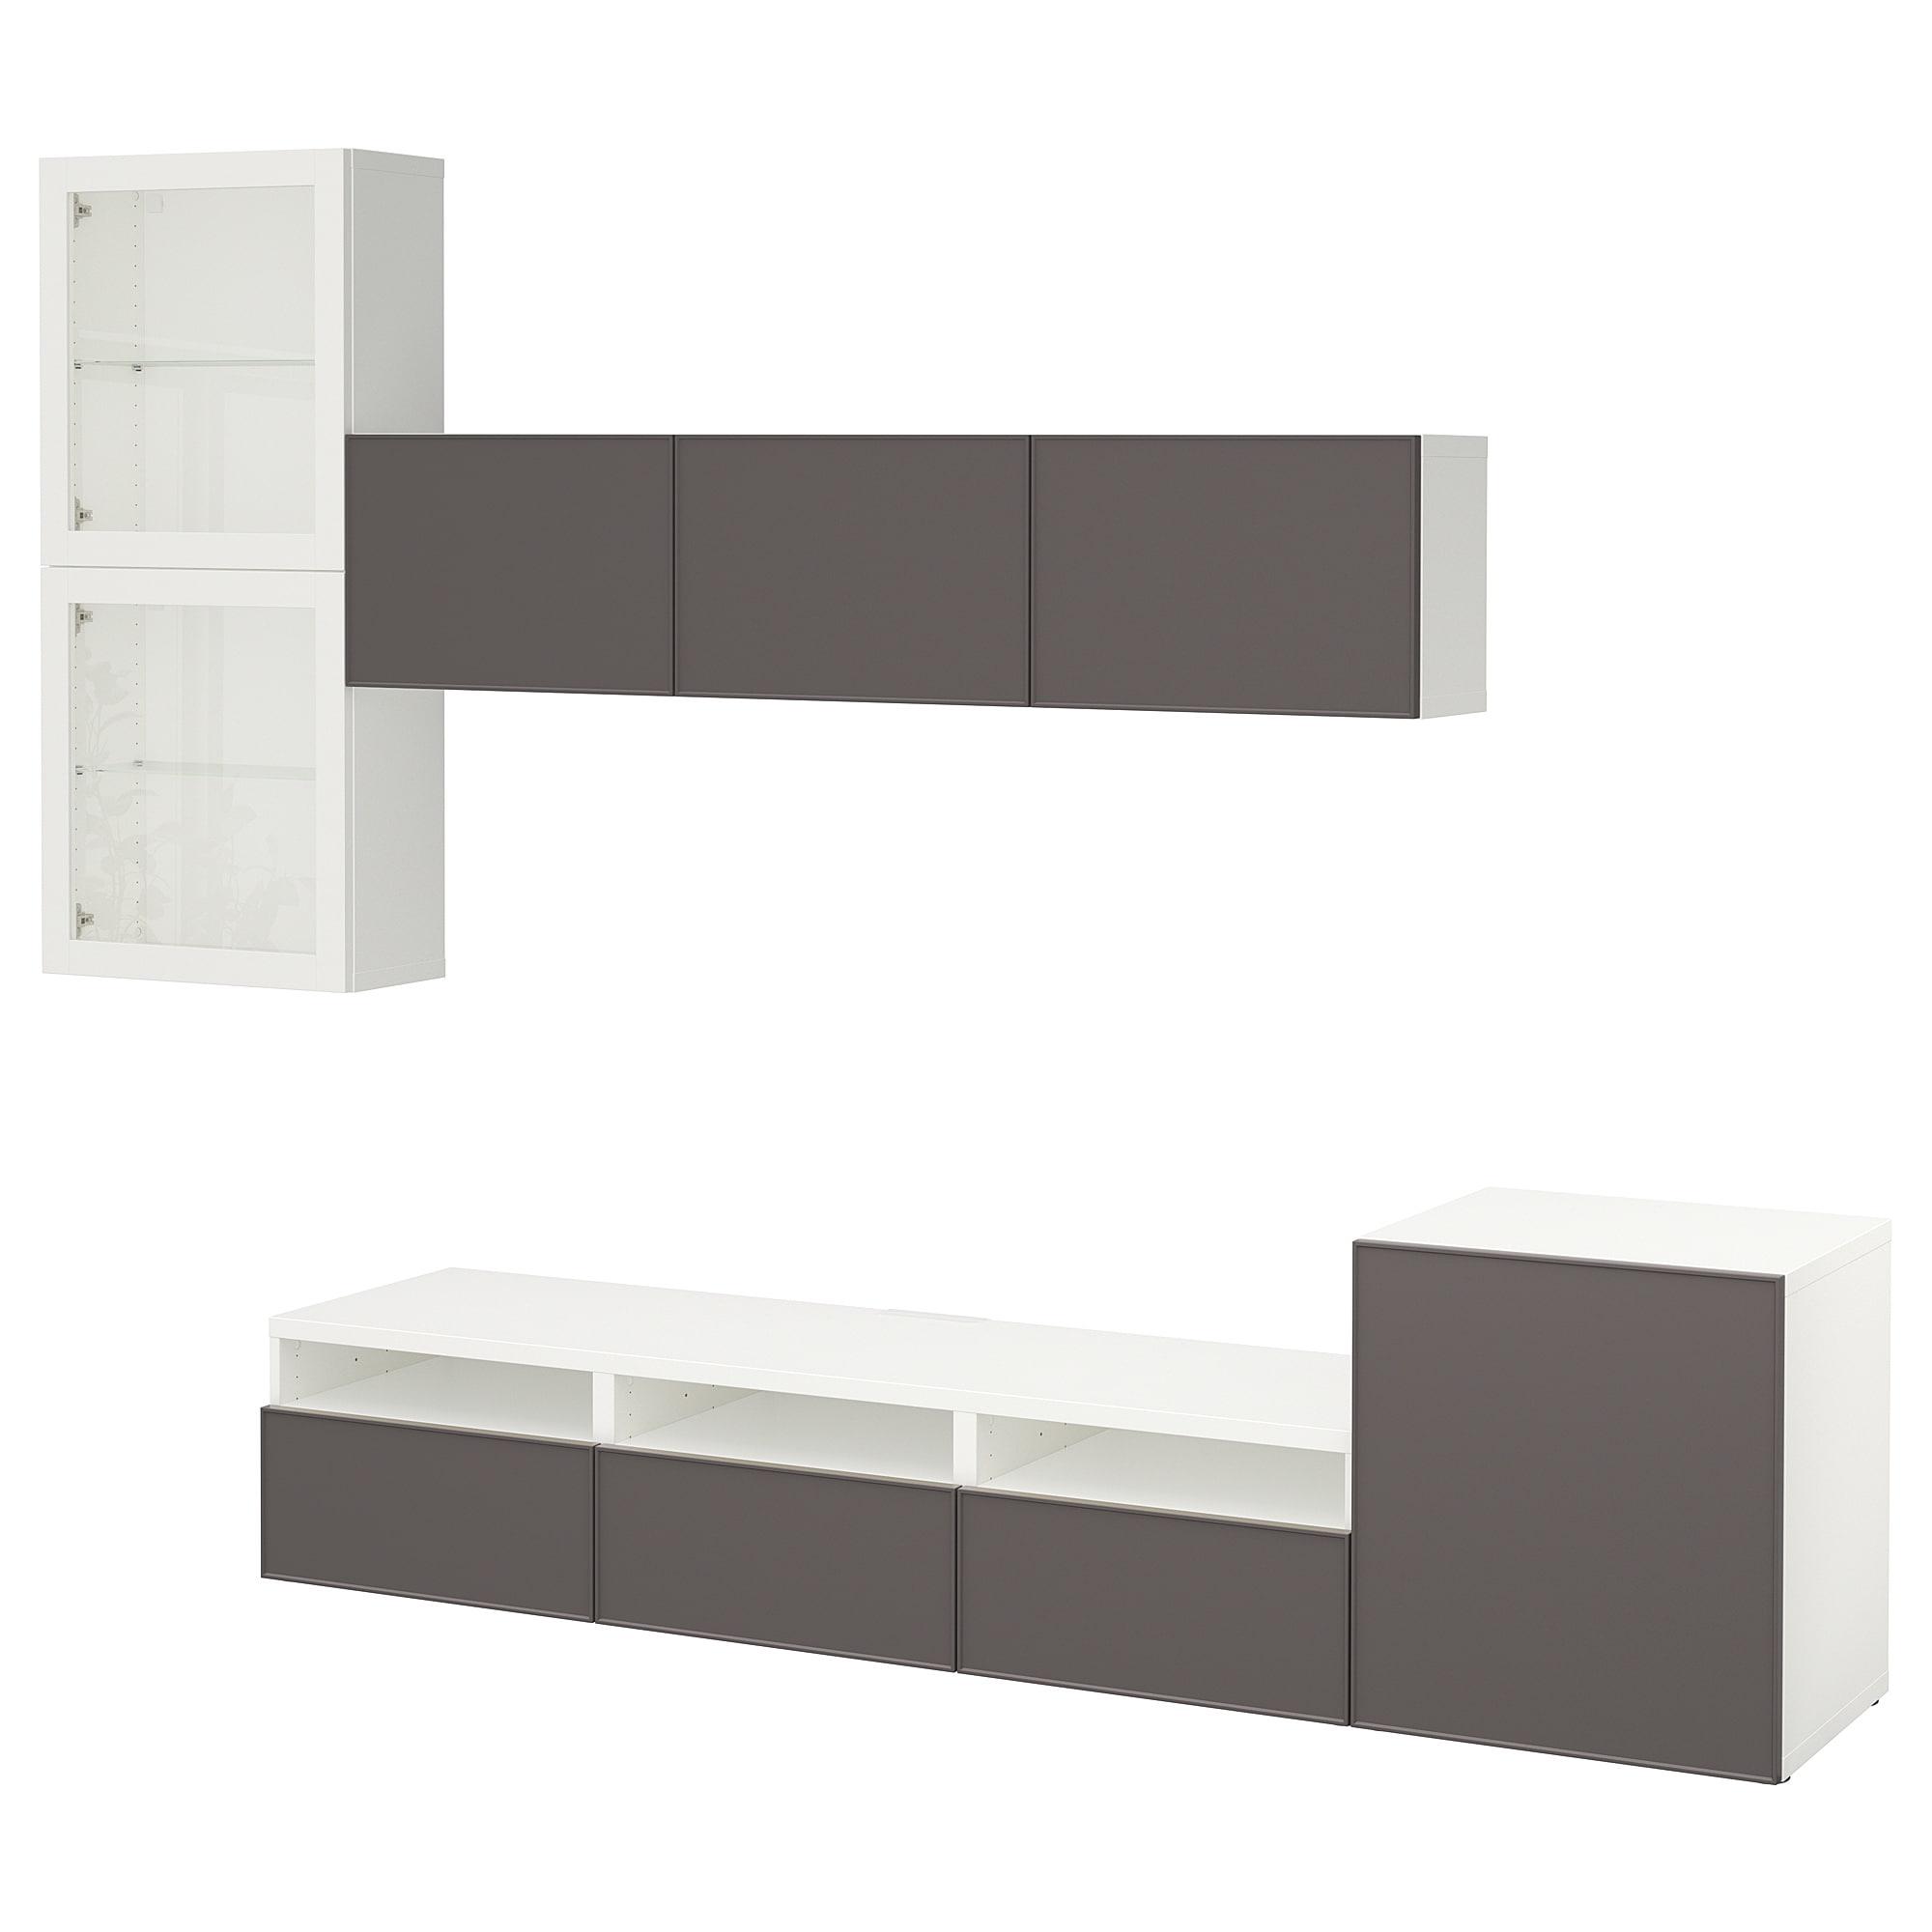 Шкаф для ТВ, комбинированный, стекляные дверцы БЕСТО артикуль № 092.522.15 в наличии. Интернет каталог IKEA РБ. Недорогая доставка и установка.